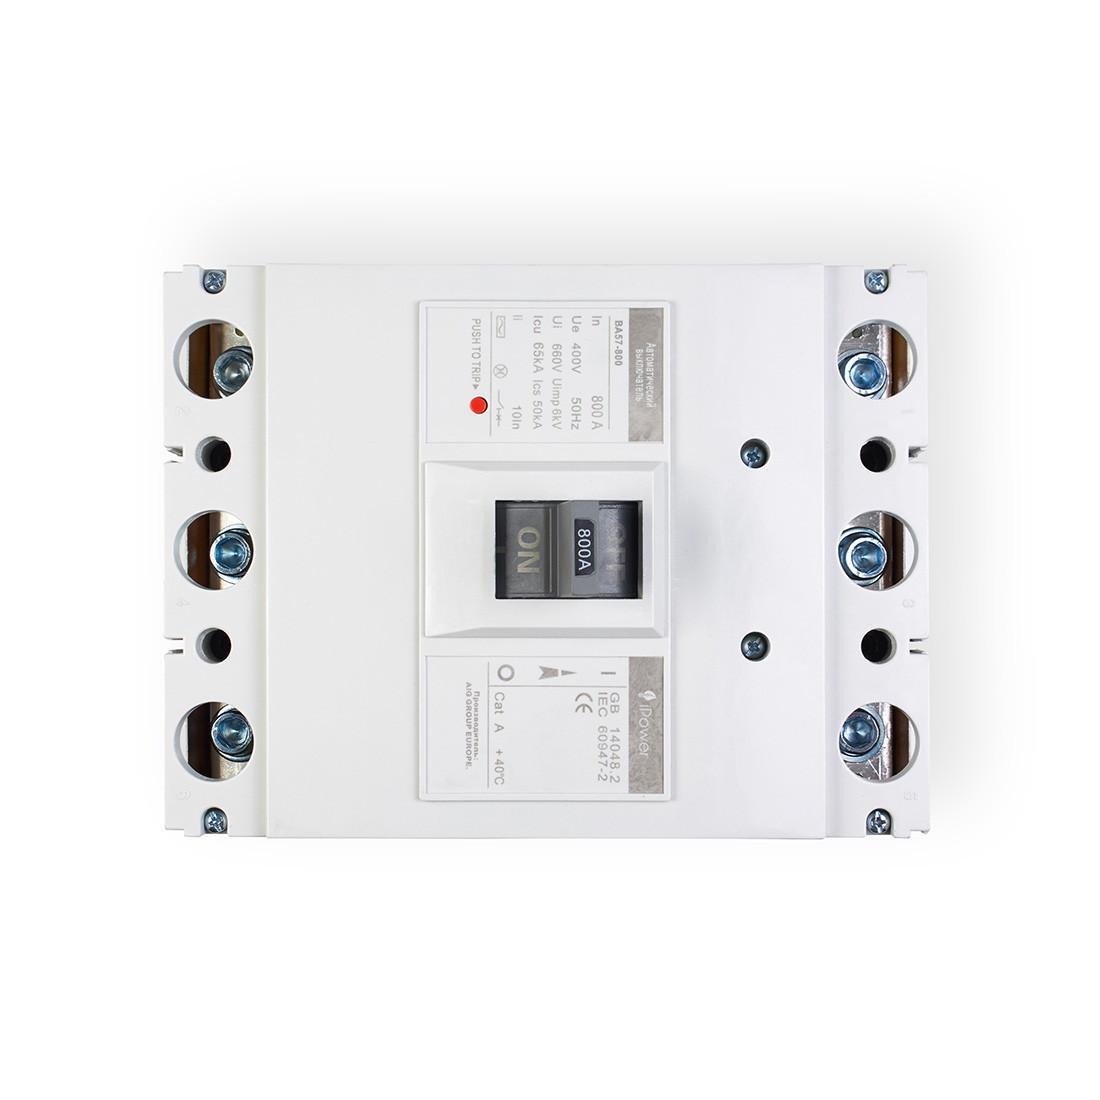 Автоматический выключатель установочный iPower ВА57-800 3P 800А, 380/660 В, Кол-во полюсов: 3, Предел отключен